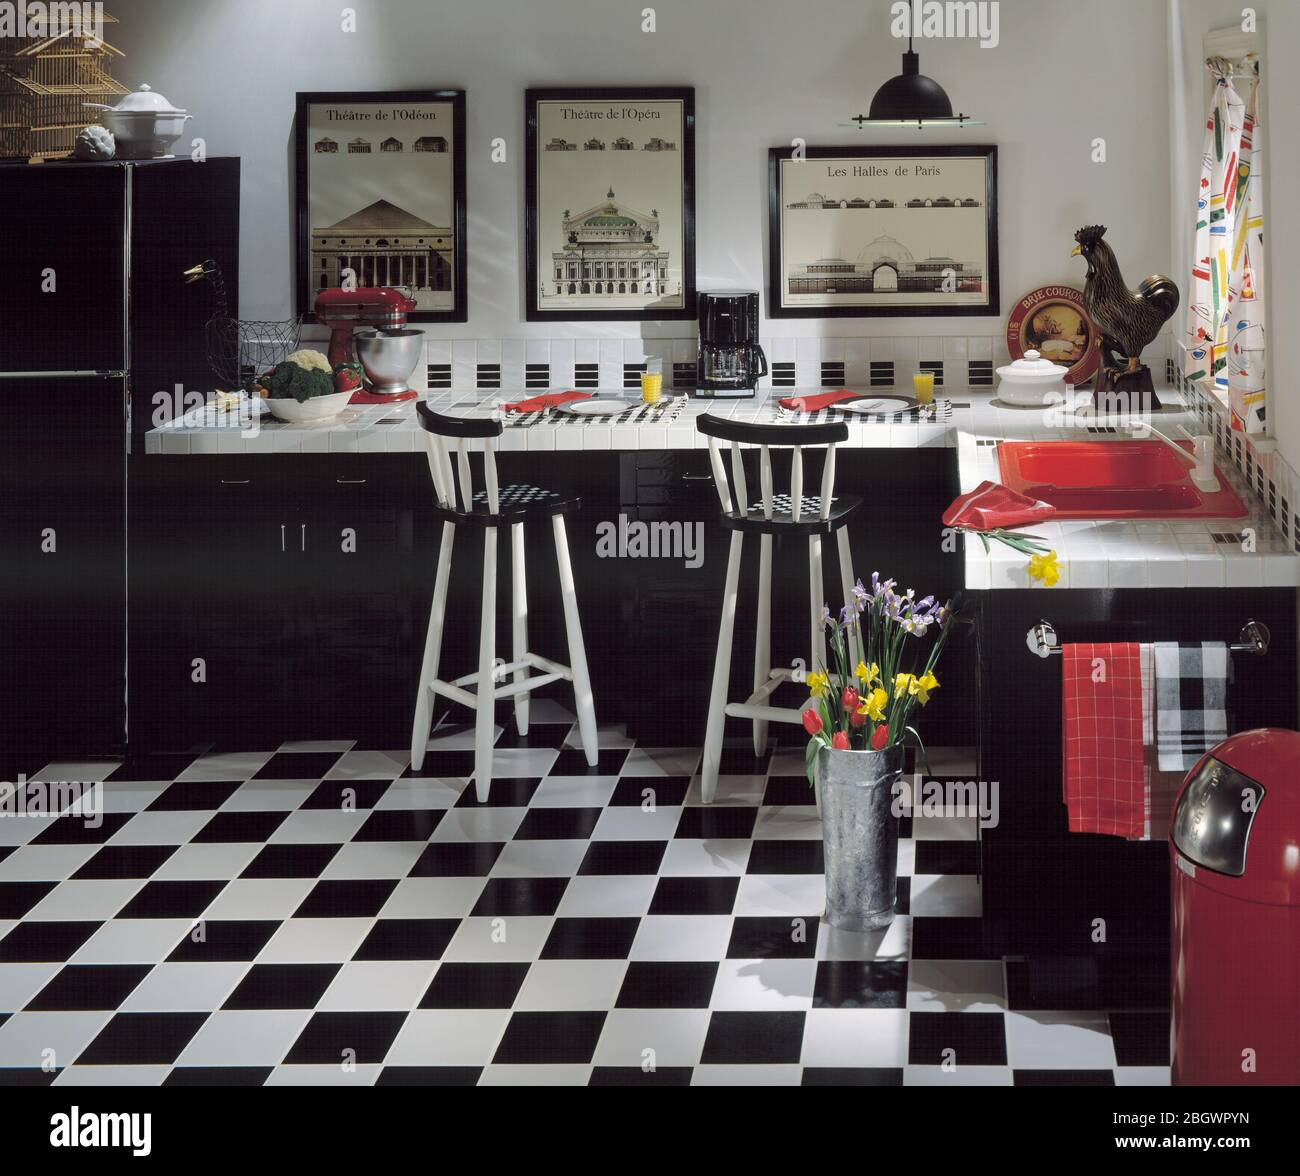 Retro Modern Style Kitchen Checkered Tile Floor Black And White Motif Stock Photo Alamy